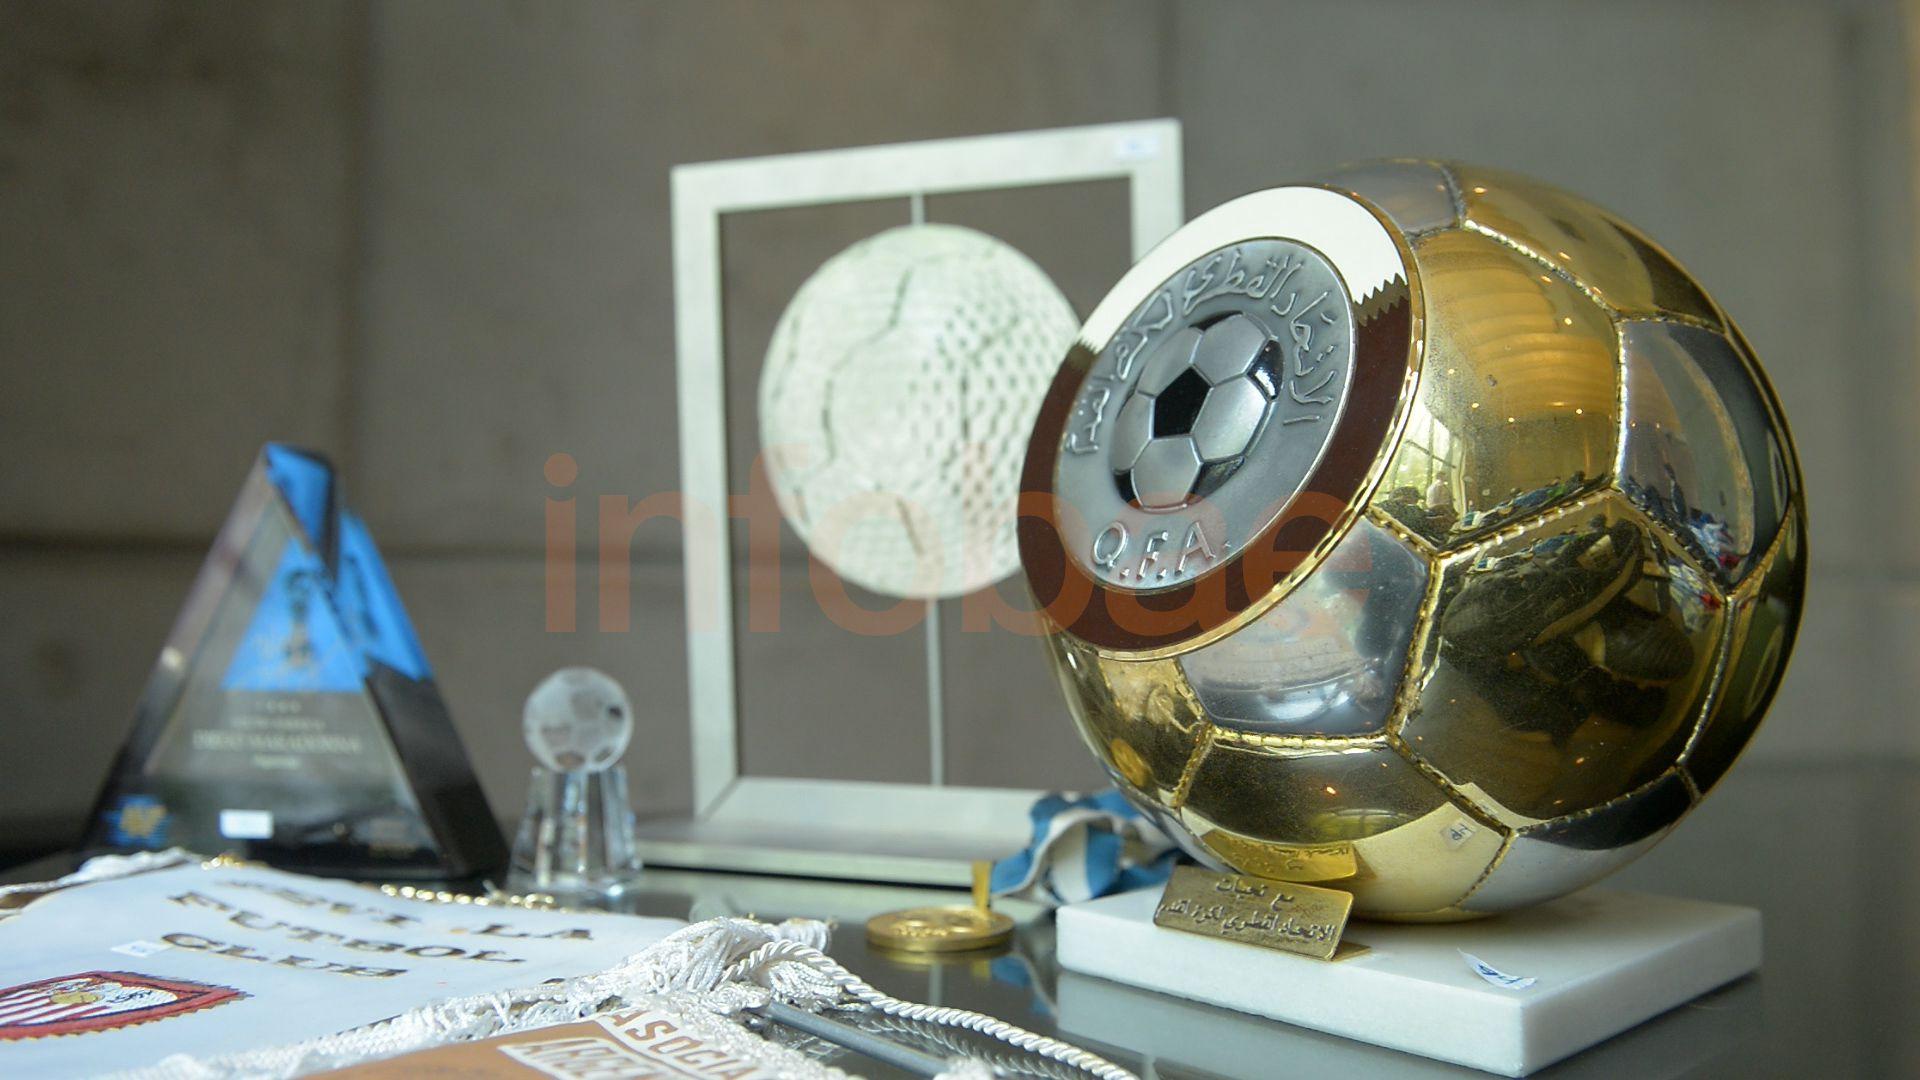 Inédito: los tesoros que contiene el museo de Diego Maradona que está en manos de Claudia Villafañe